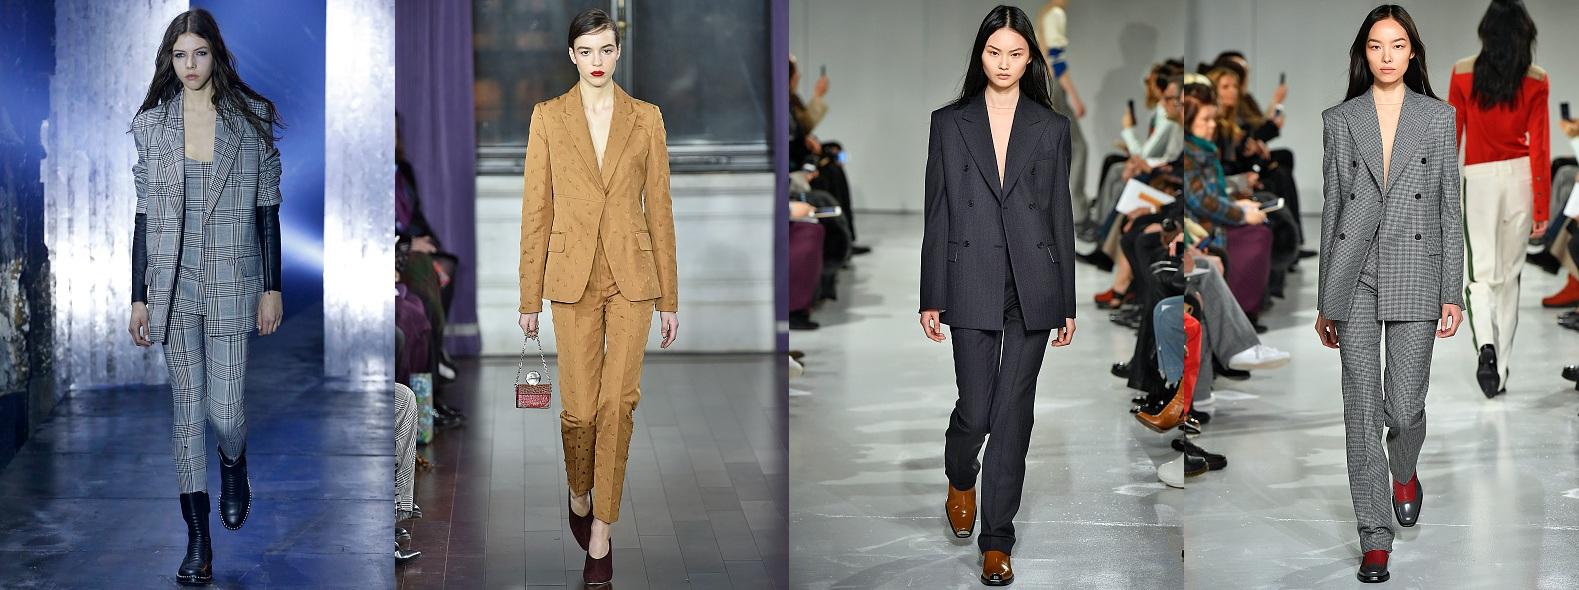 Alexander Wang, Jasom Wu, Calvin Klein Collection